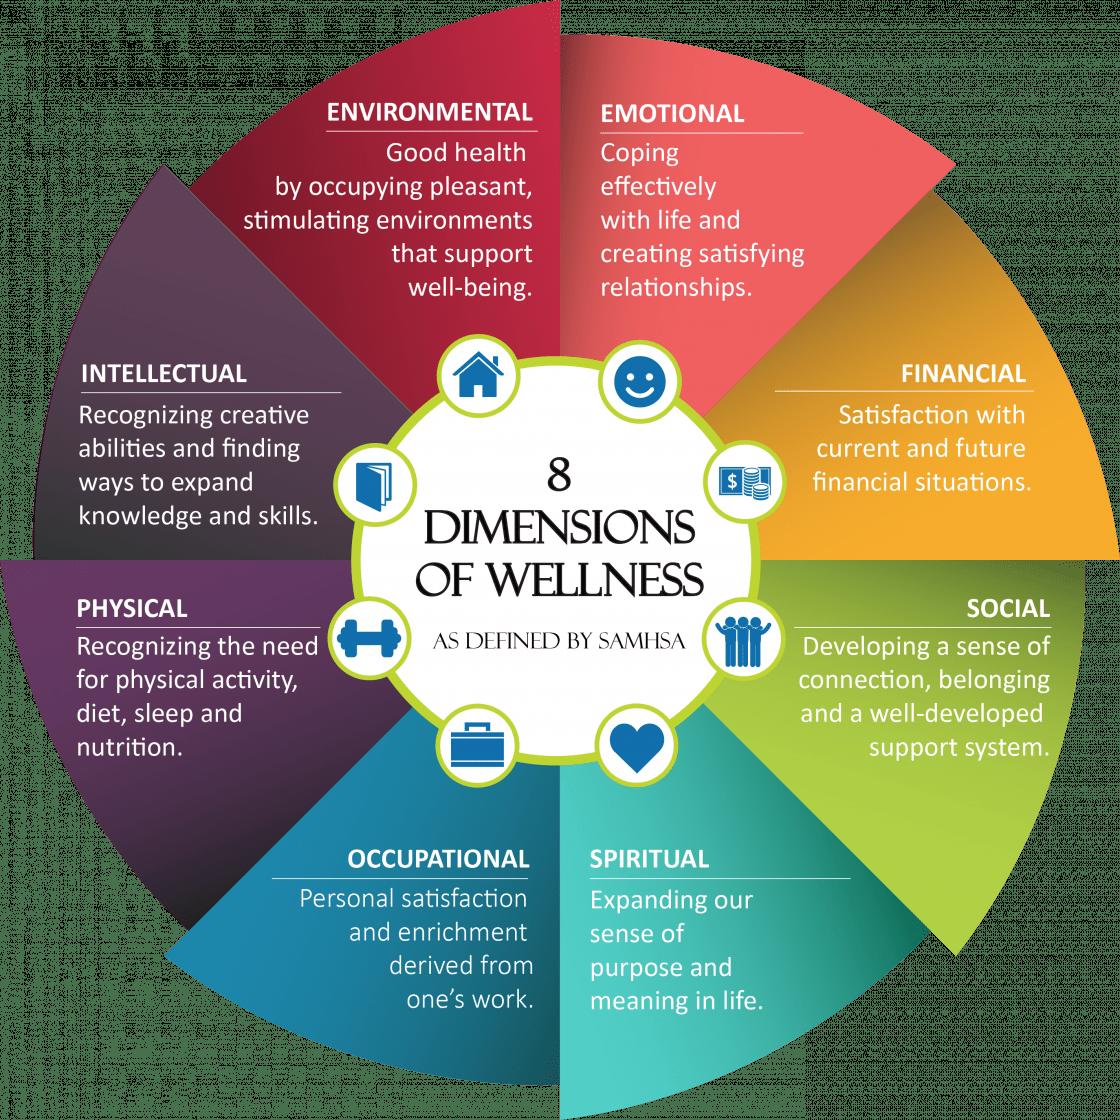 SAMHSA Wellness Wheel